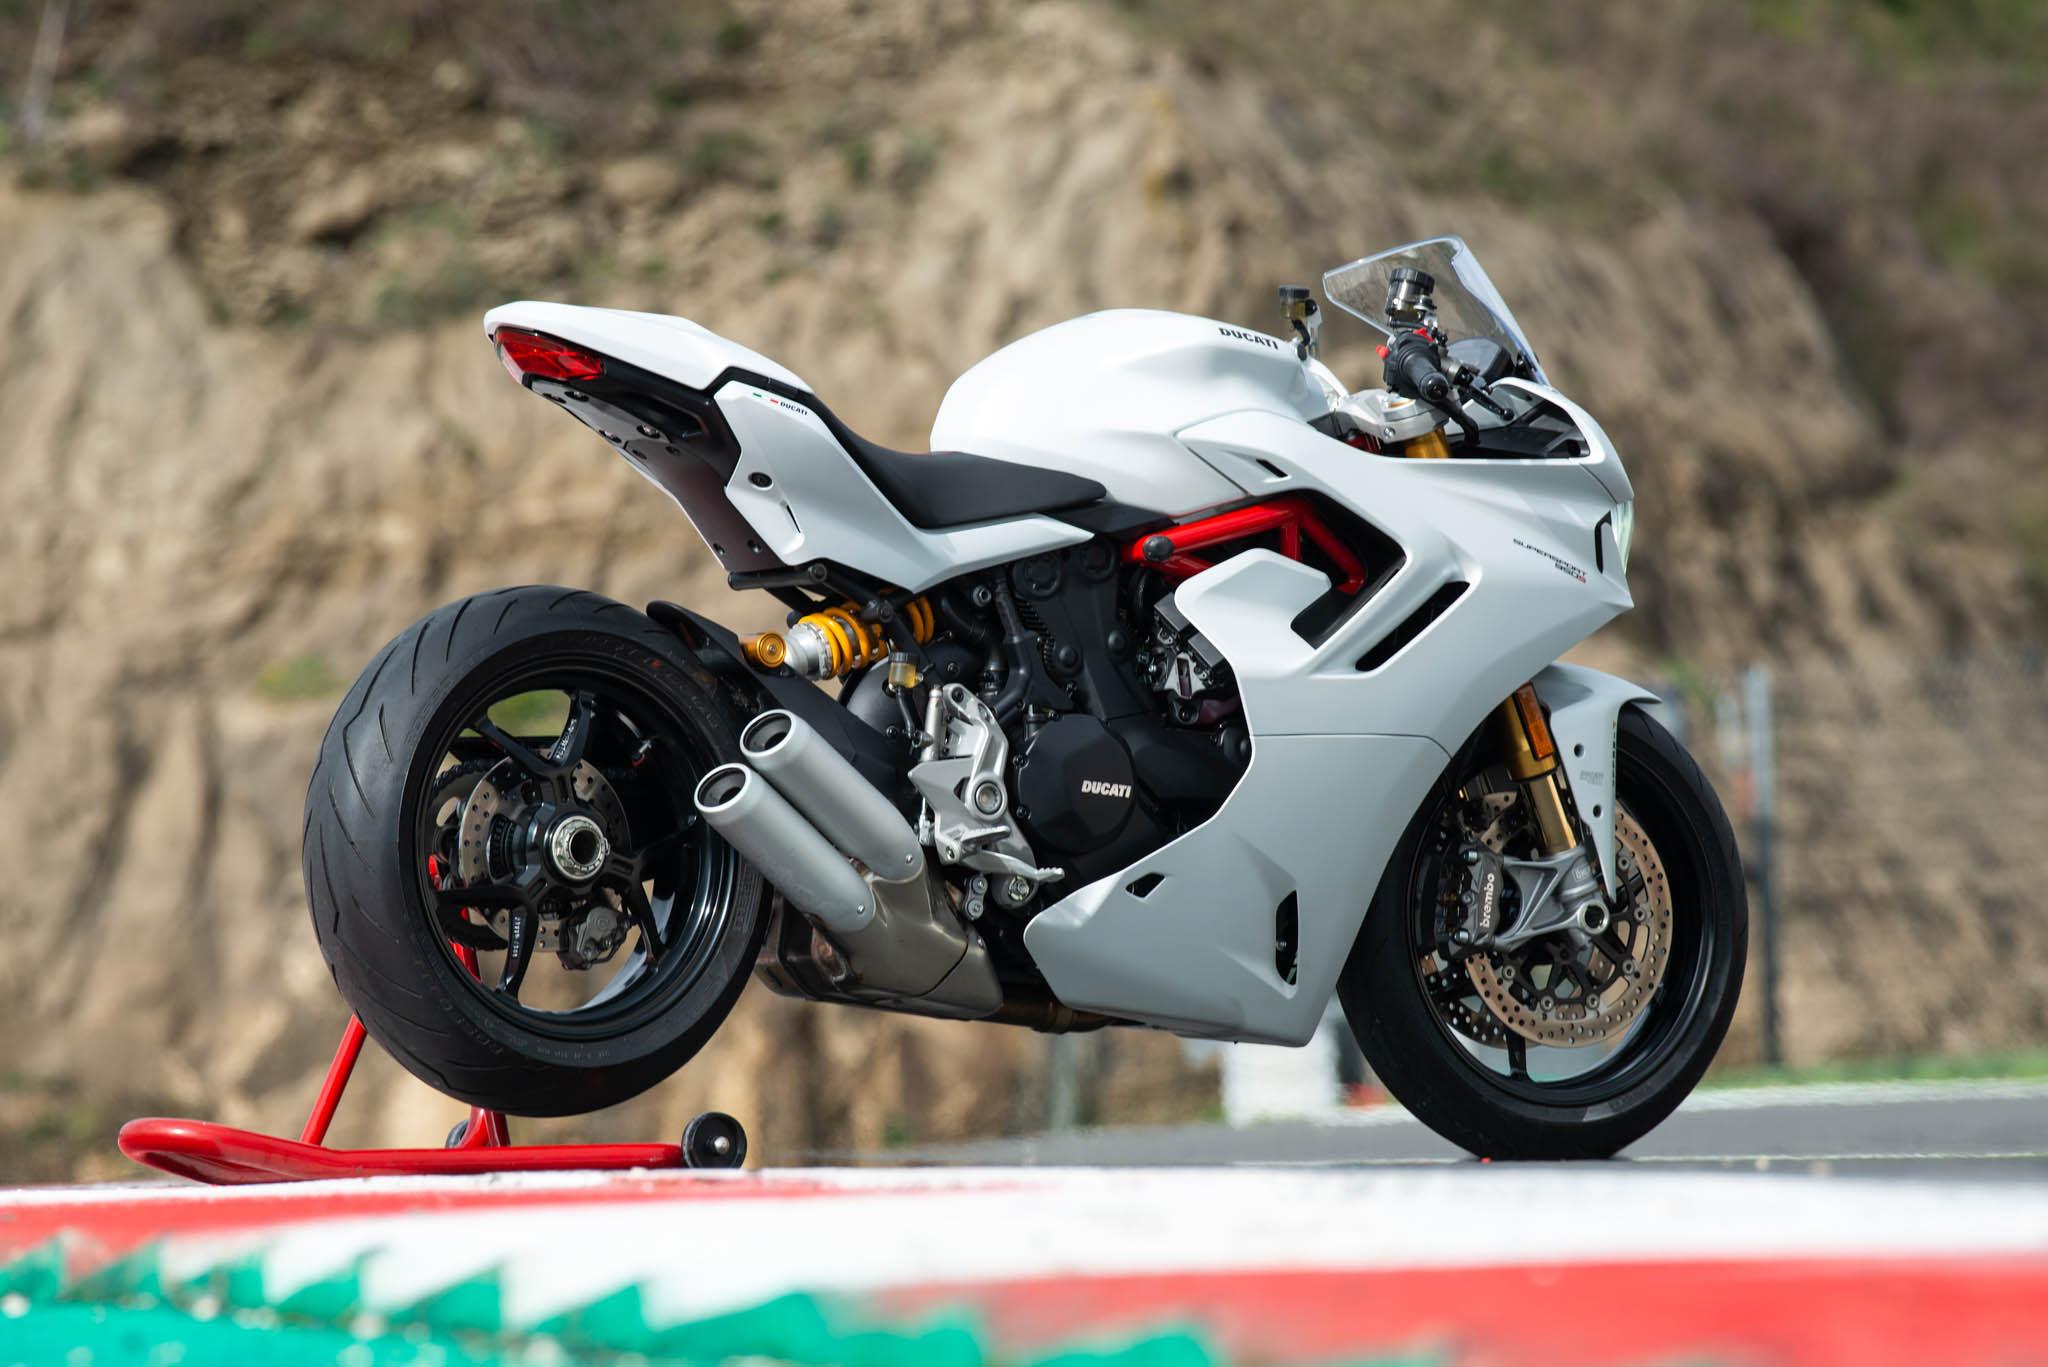 Ducati_SuperSport_950_2021_details-21